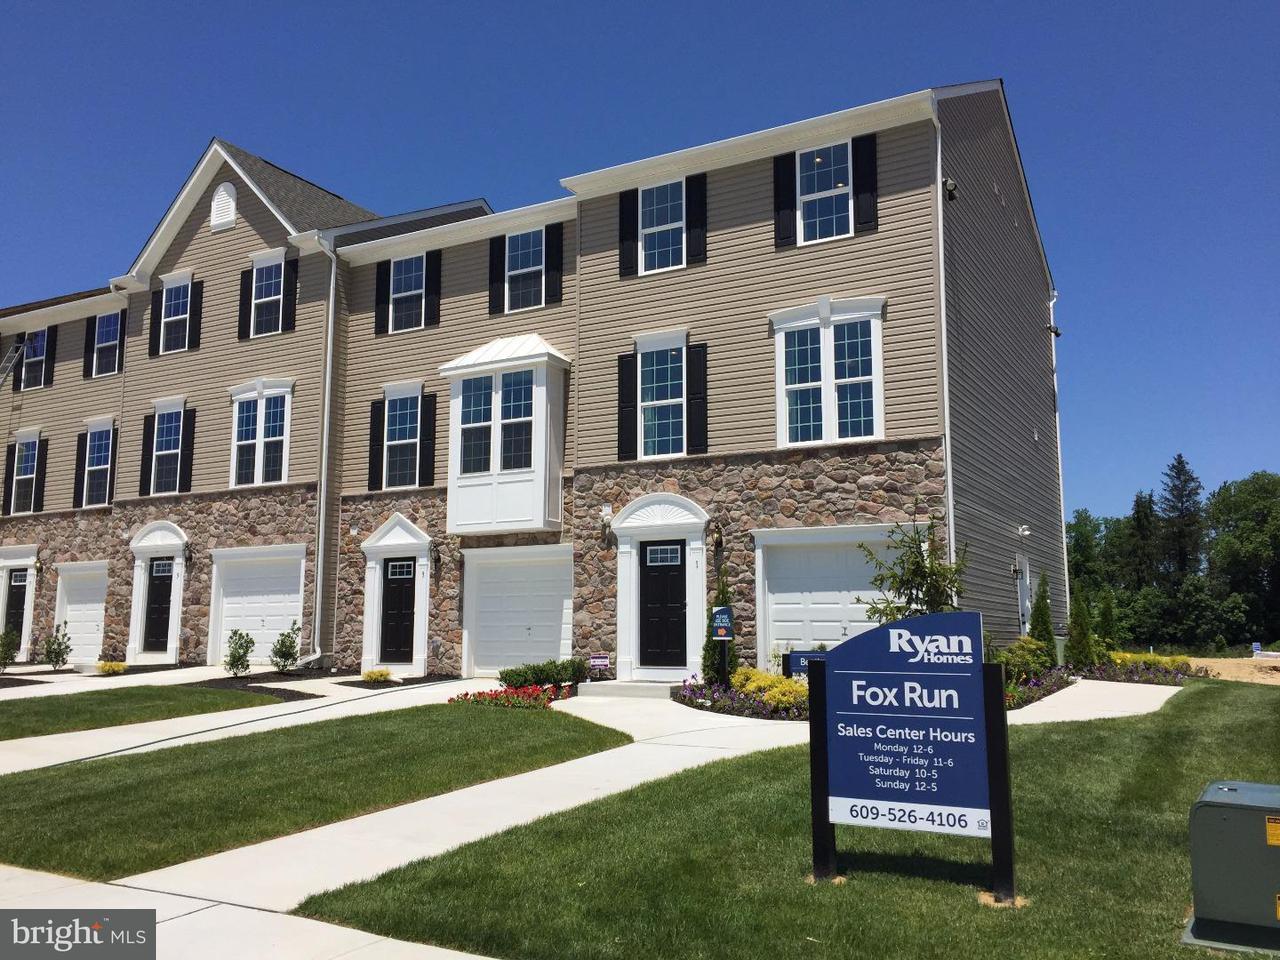 联栋屋 为 销售 在 96 BENFORD Lane Edgewater Park, 新泽西州 08010 美国